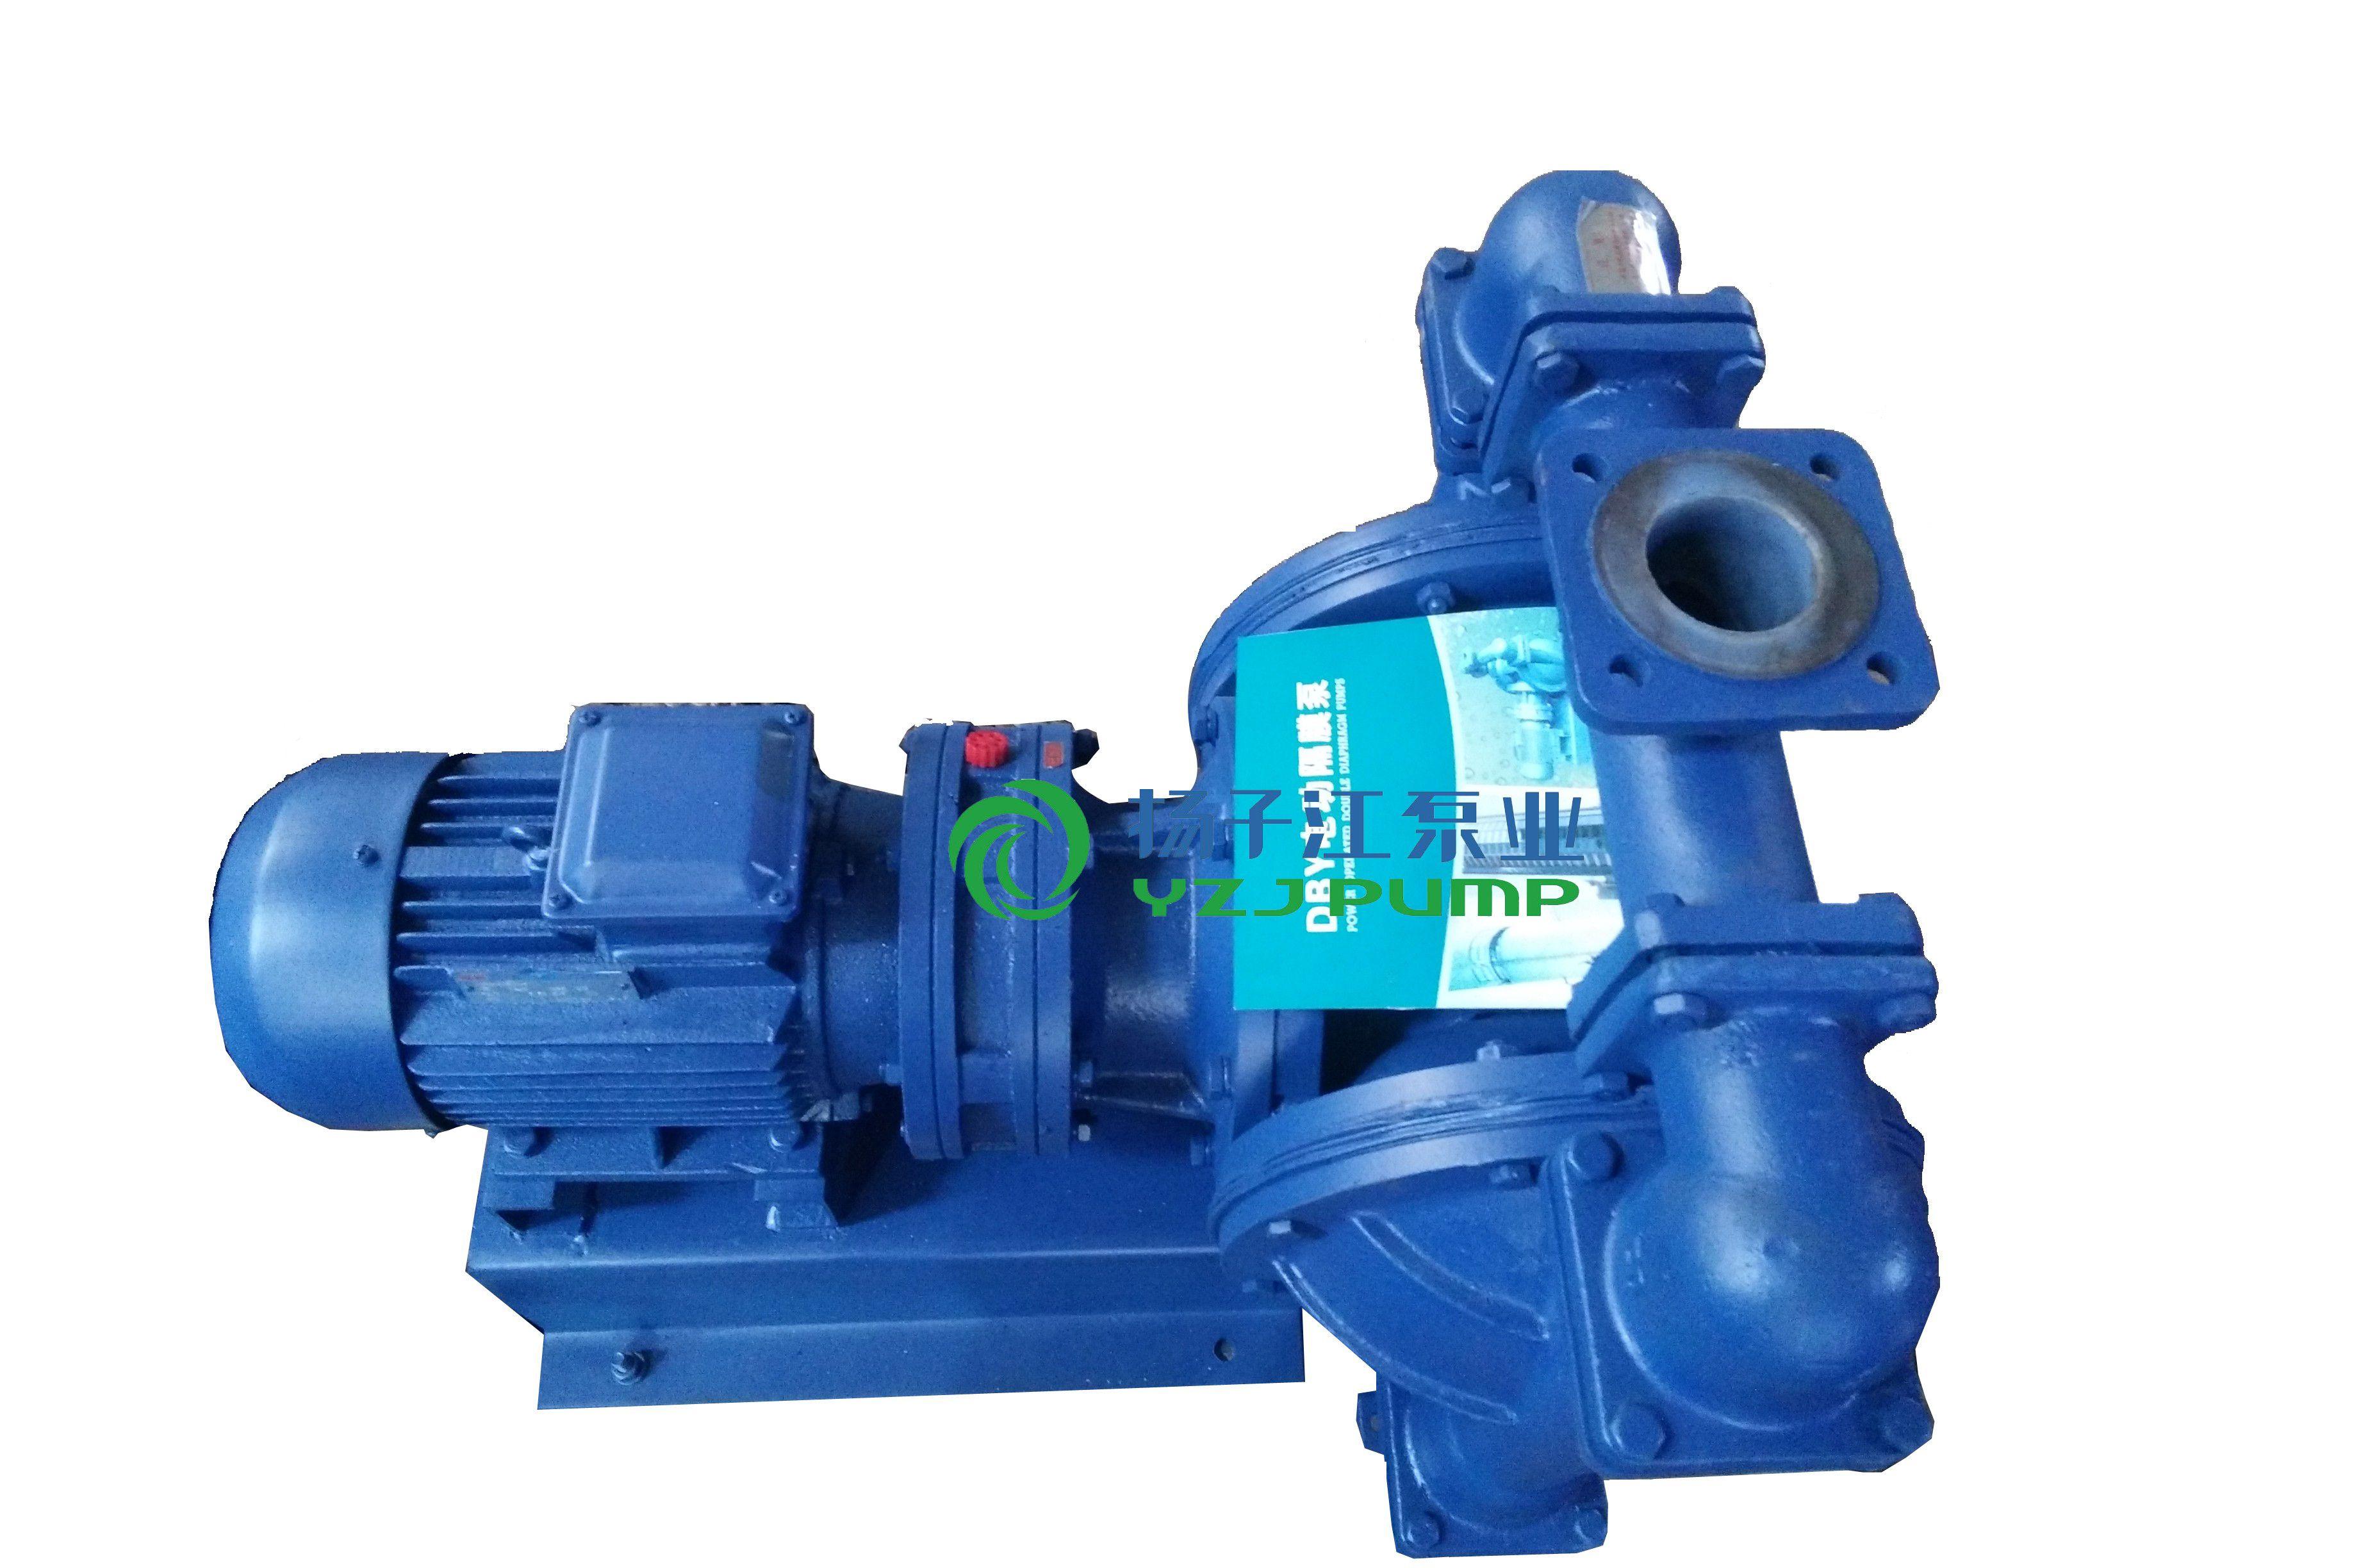 供应DBY-50衬氟电动隔膜泵,耐腐蚀隔膜泵